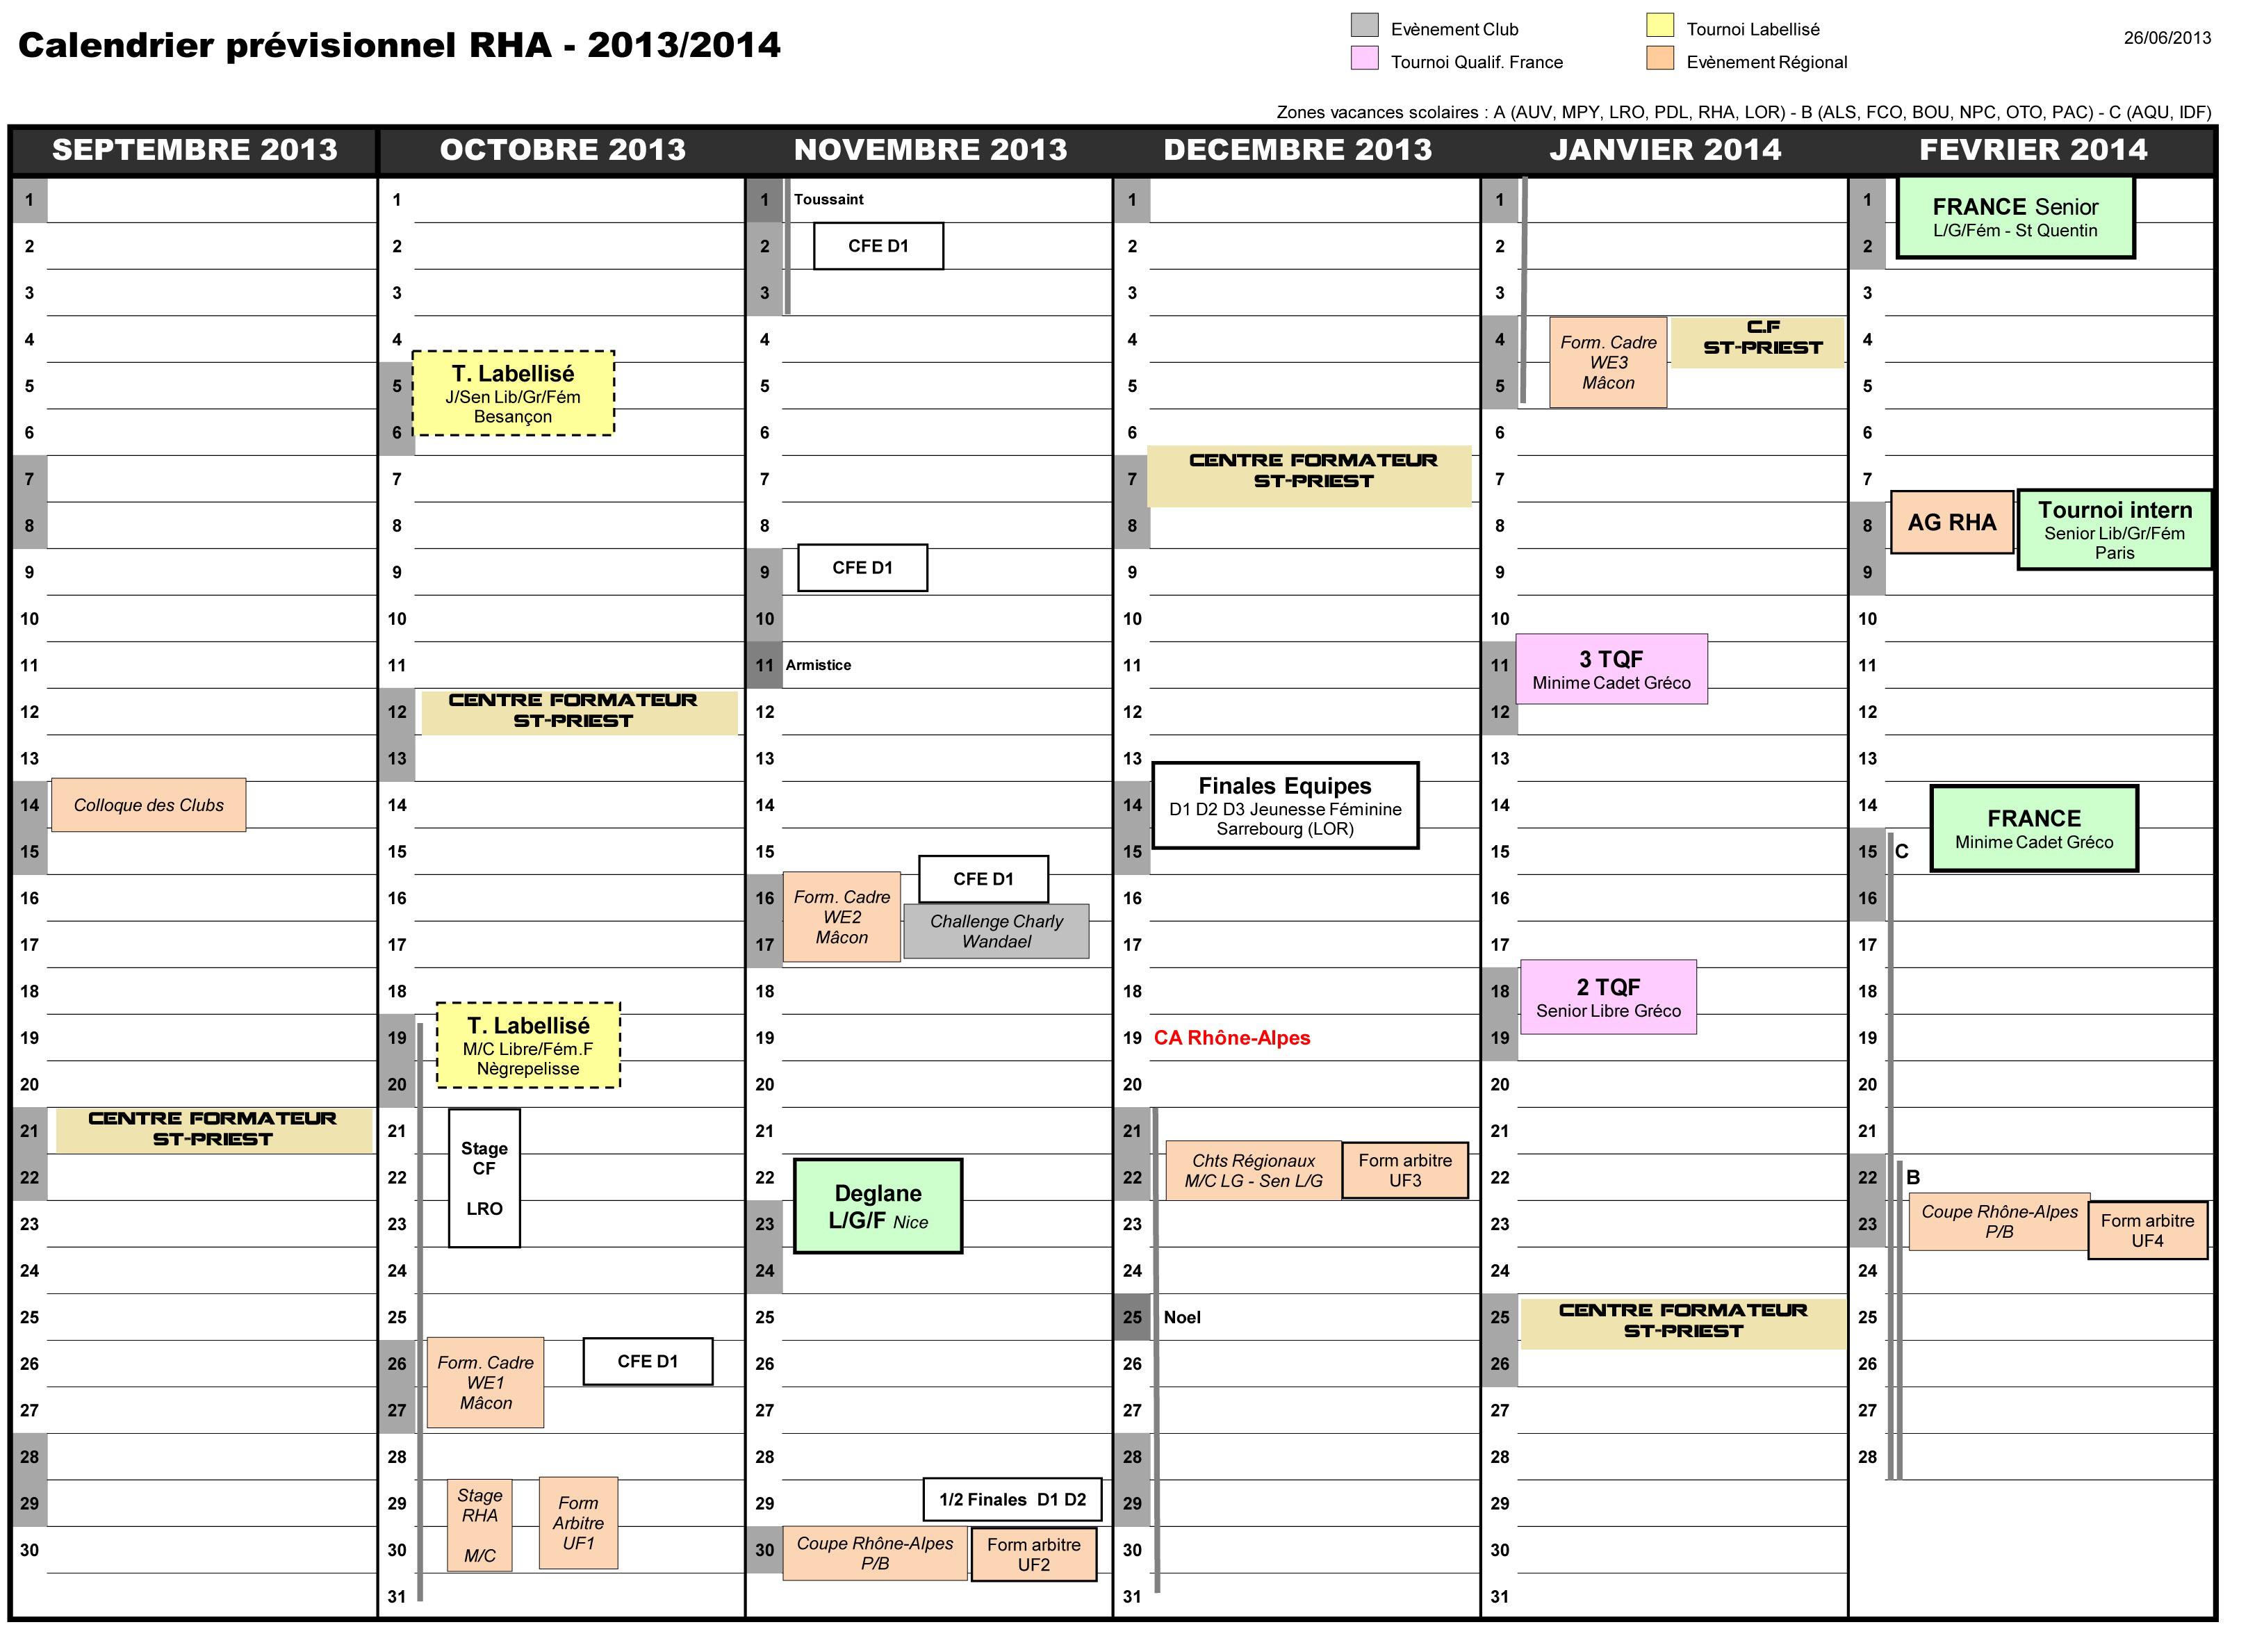 Calendrier RHA 2013-14 1